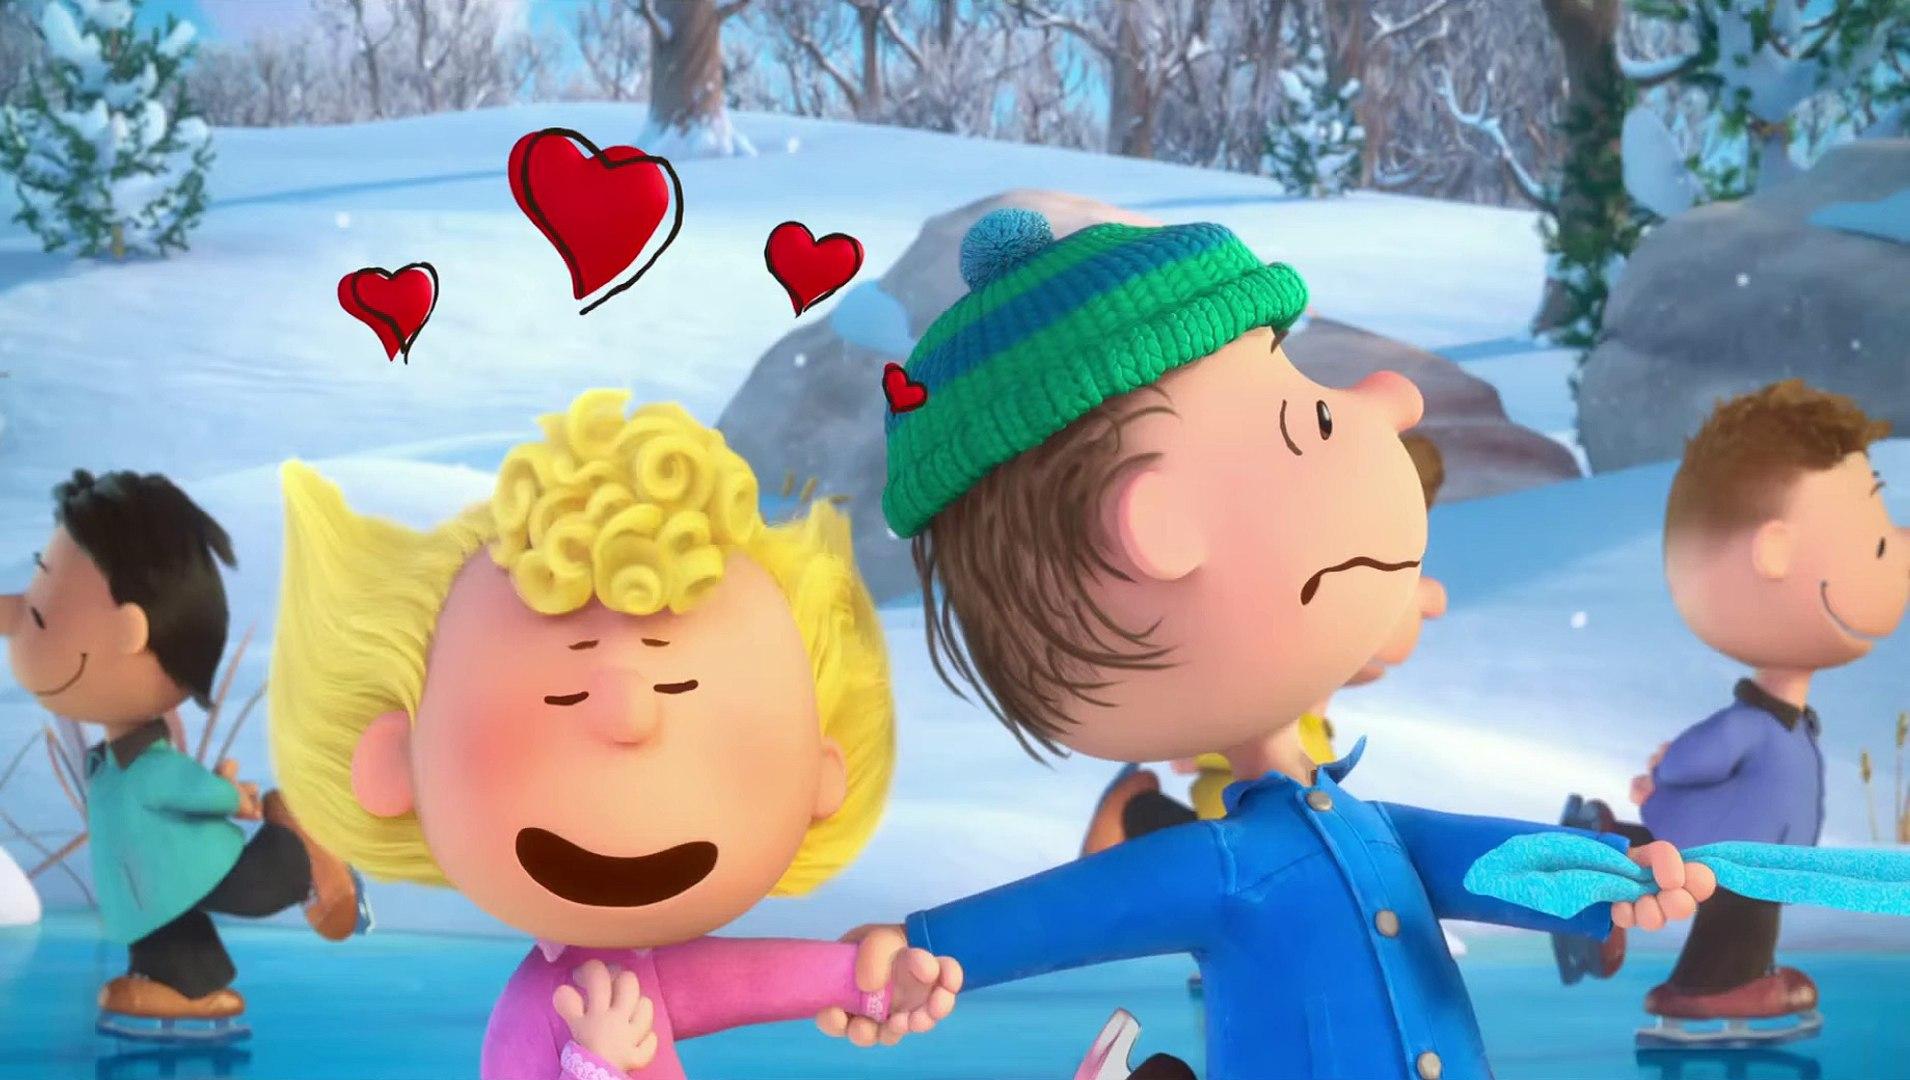 The Peanuts Movie 2015 HD Movie Featurette Peanuts 65 - Animated Movie